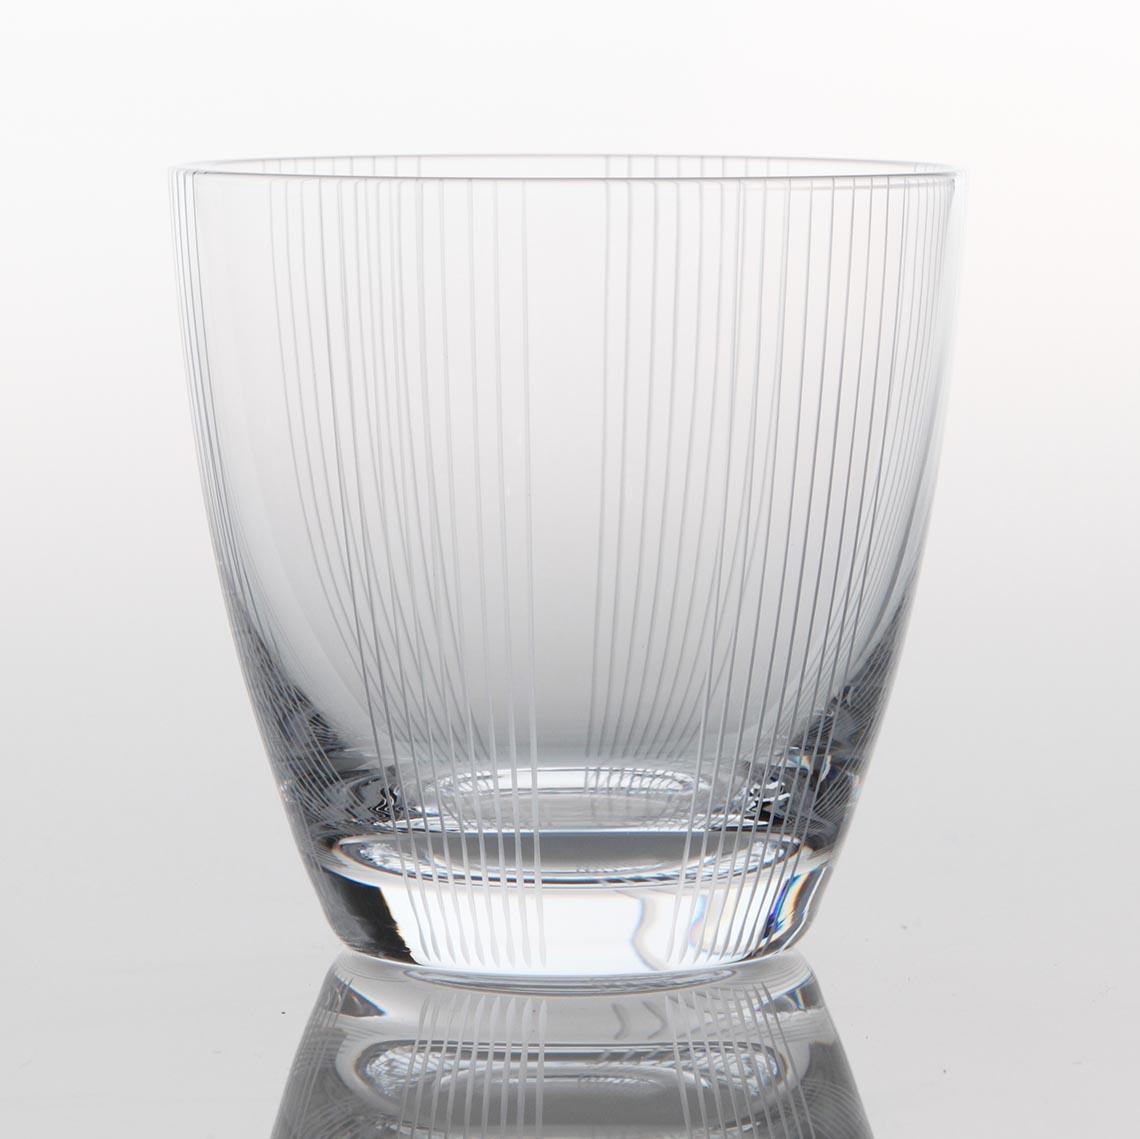 グラス・縦糸 (ぐらす・たていと)